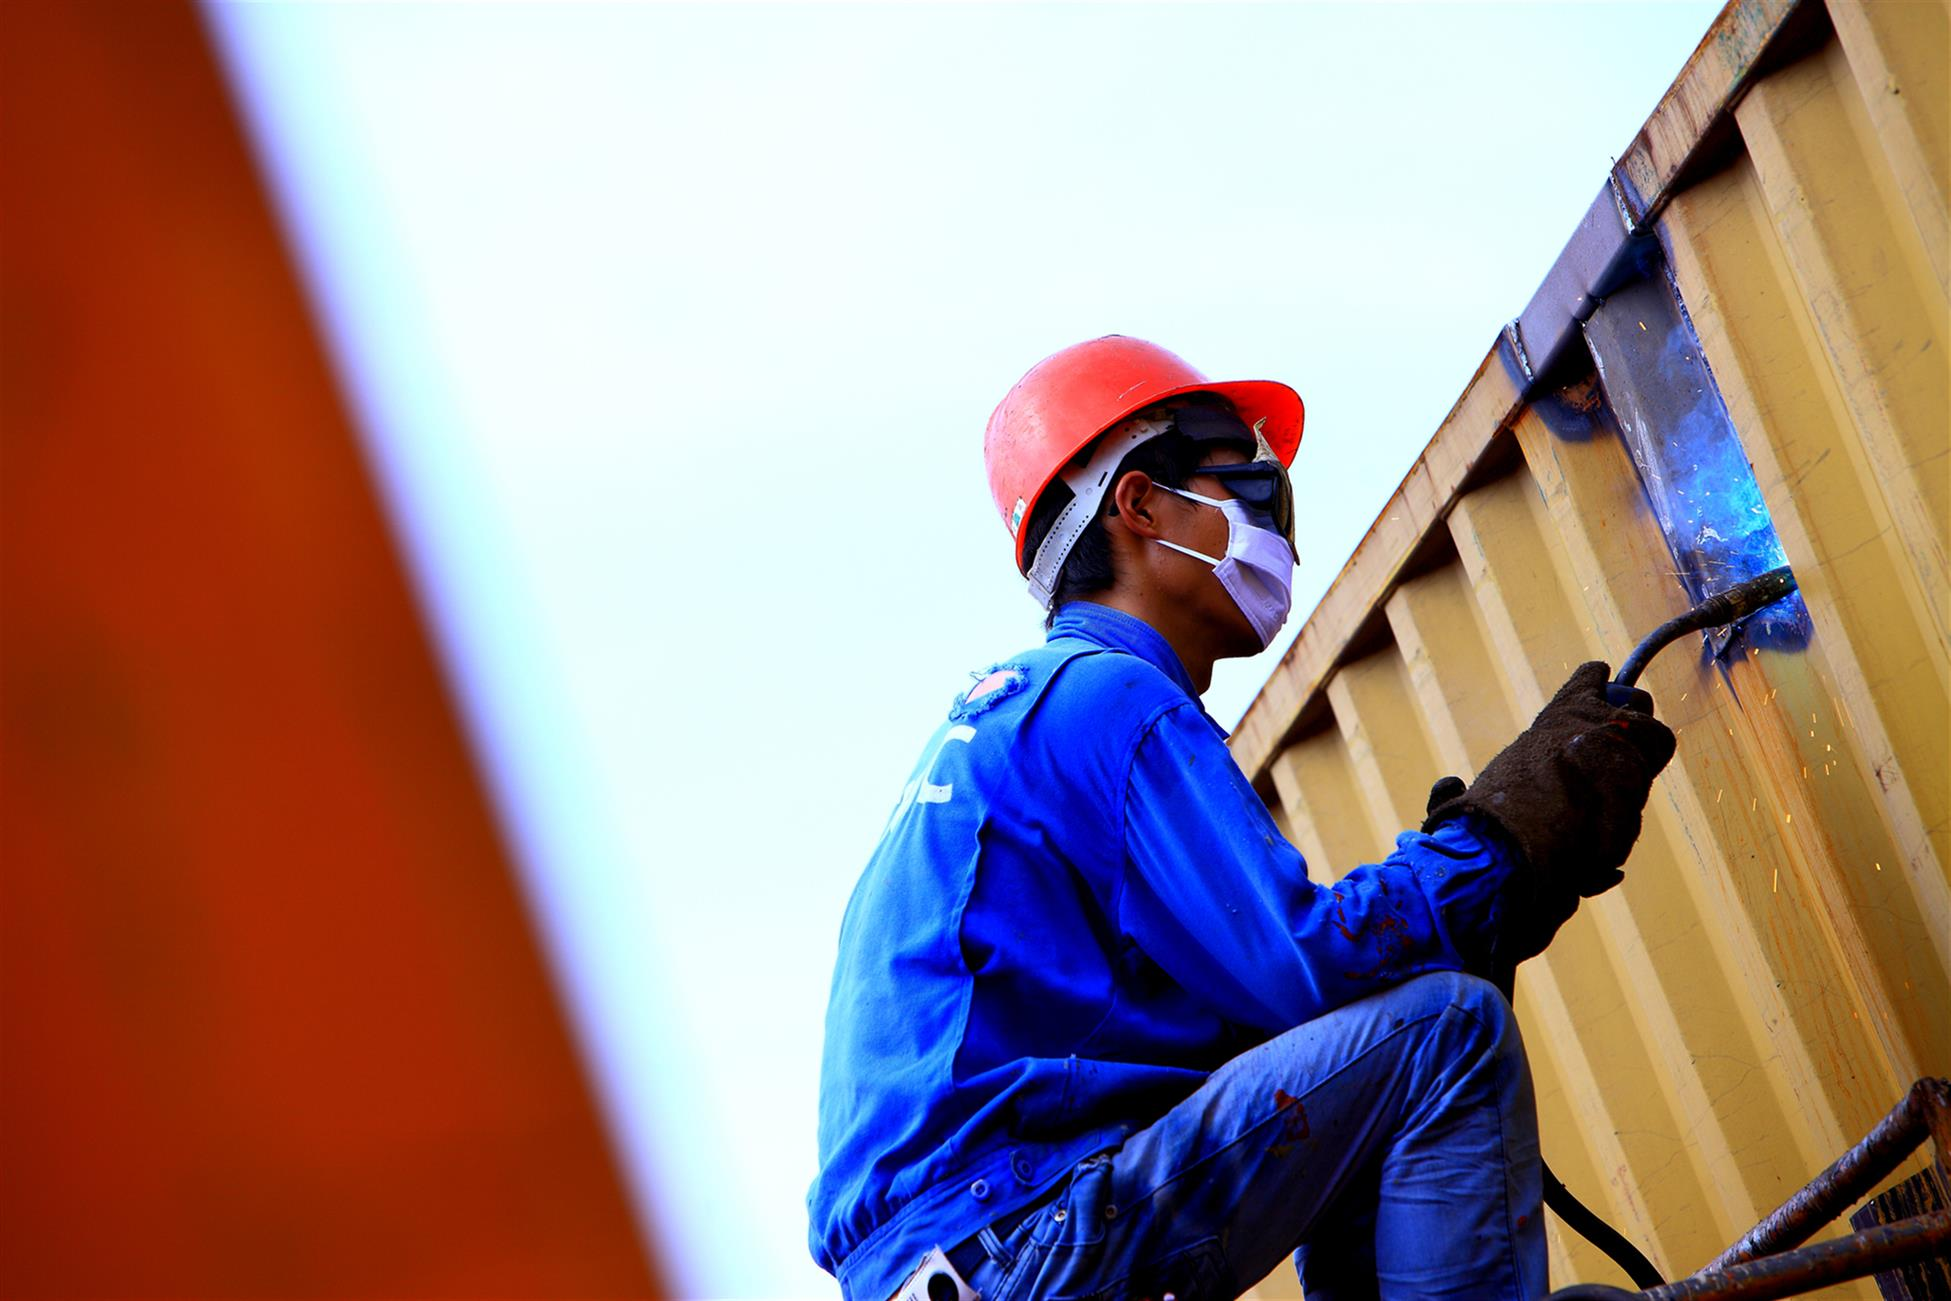 崇州市特种作业焊工证培训年审可以提前几个月 联网可查